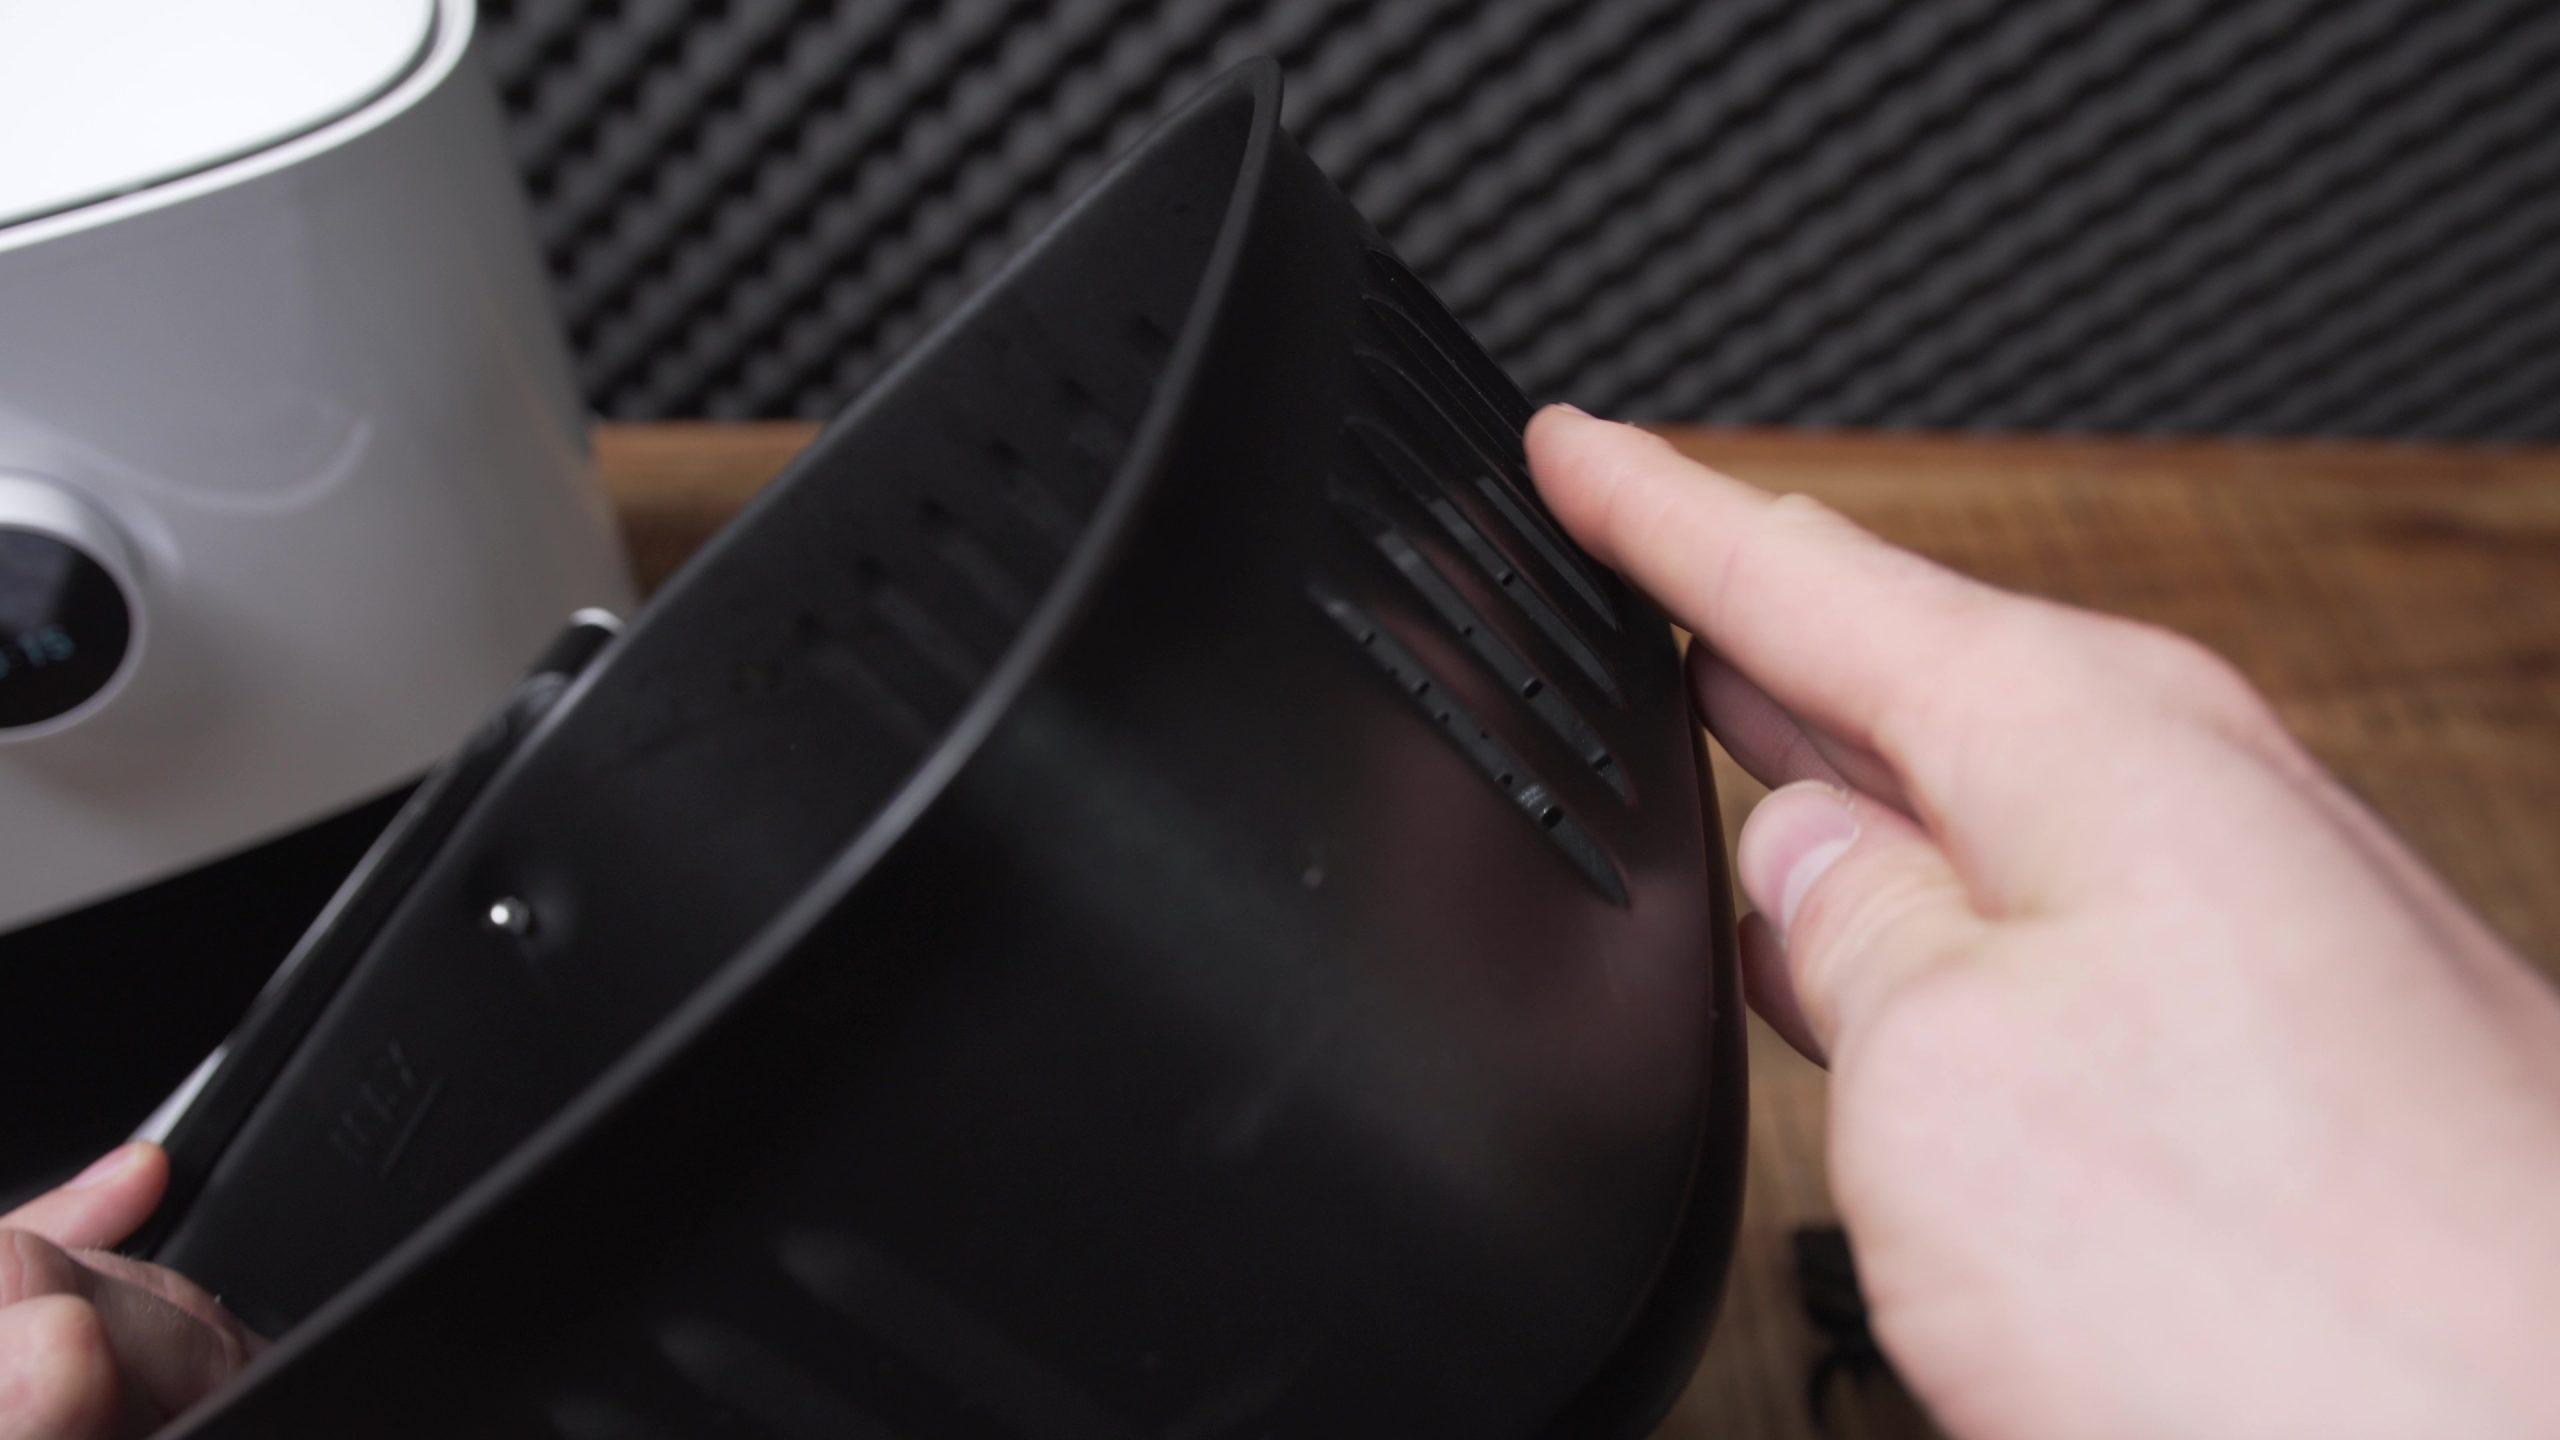 Xiaomi Airfryer Heissluftfritteuse Luftumwälzung Luftschlitze